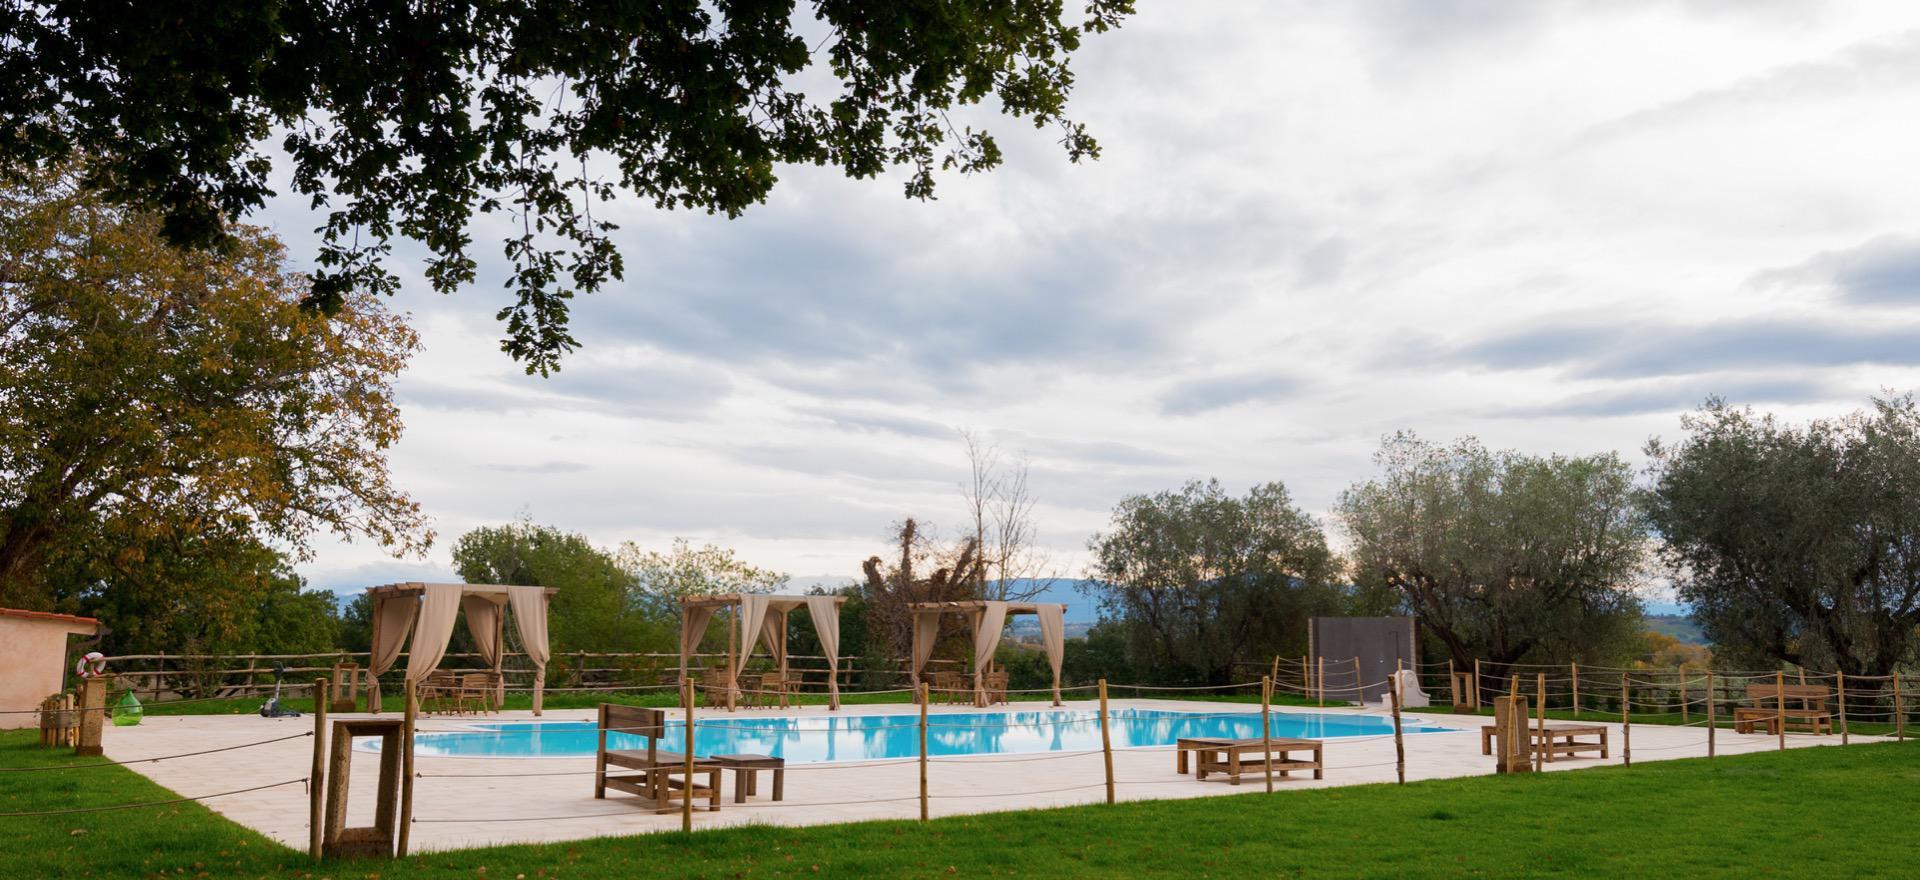 Agriturismo Umbrie Luxe agriturismo bij Rome met restaurant en zwembad